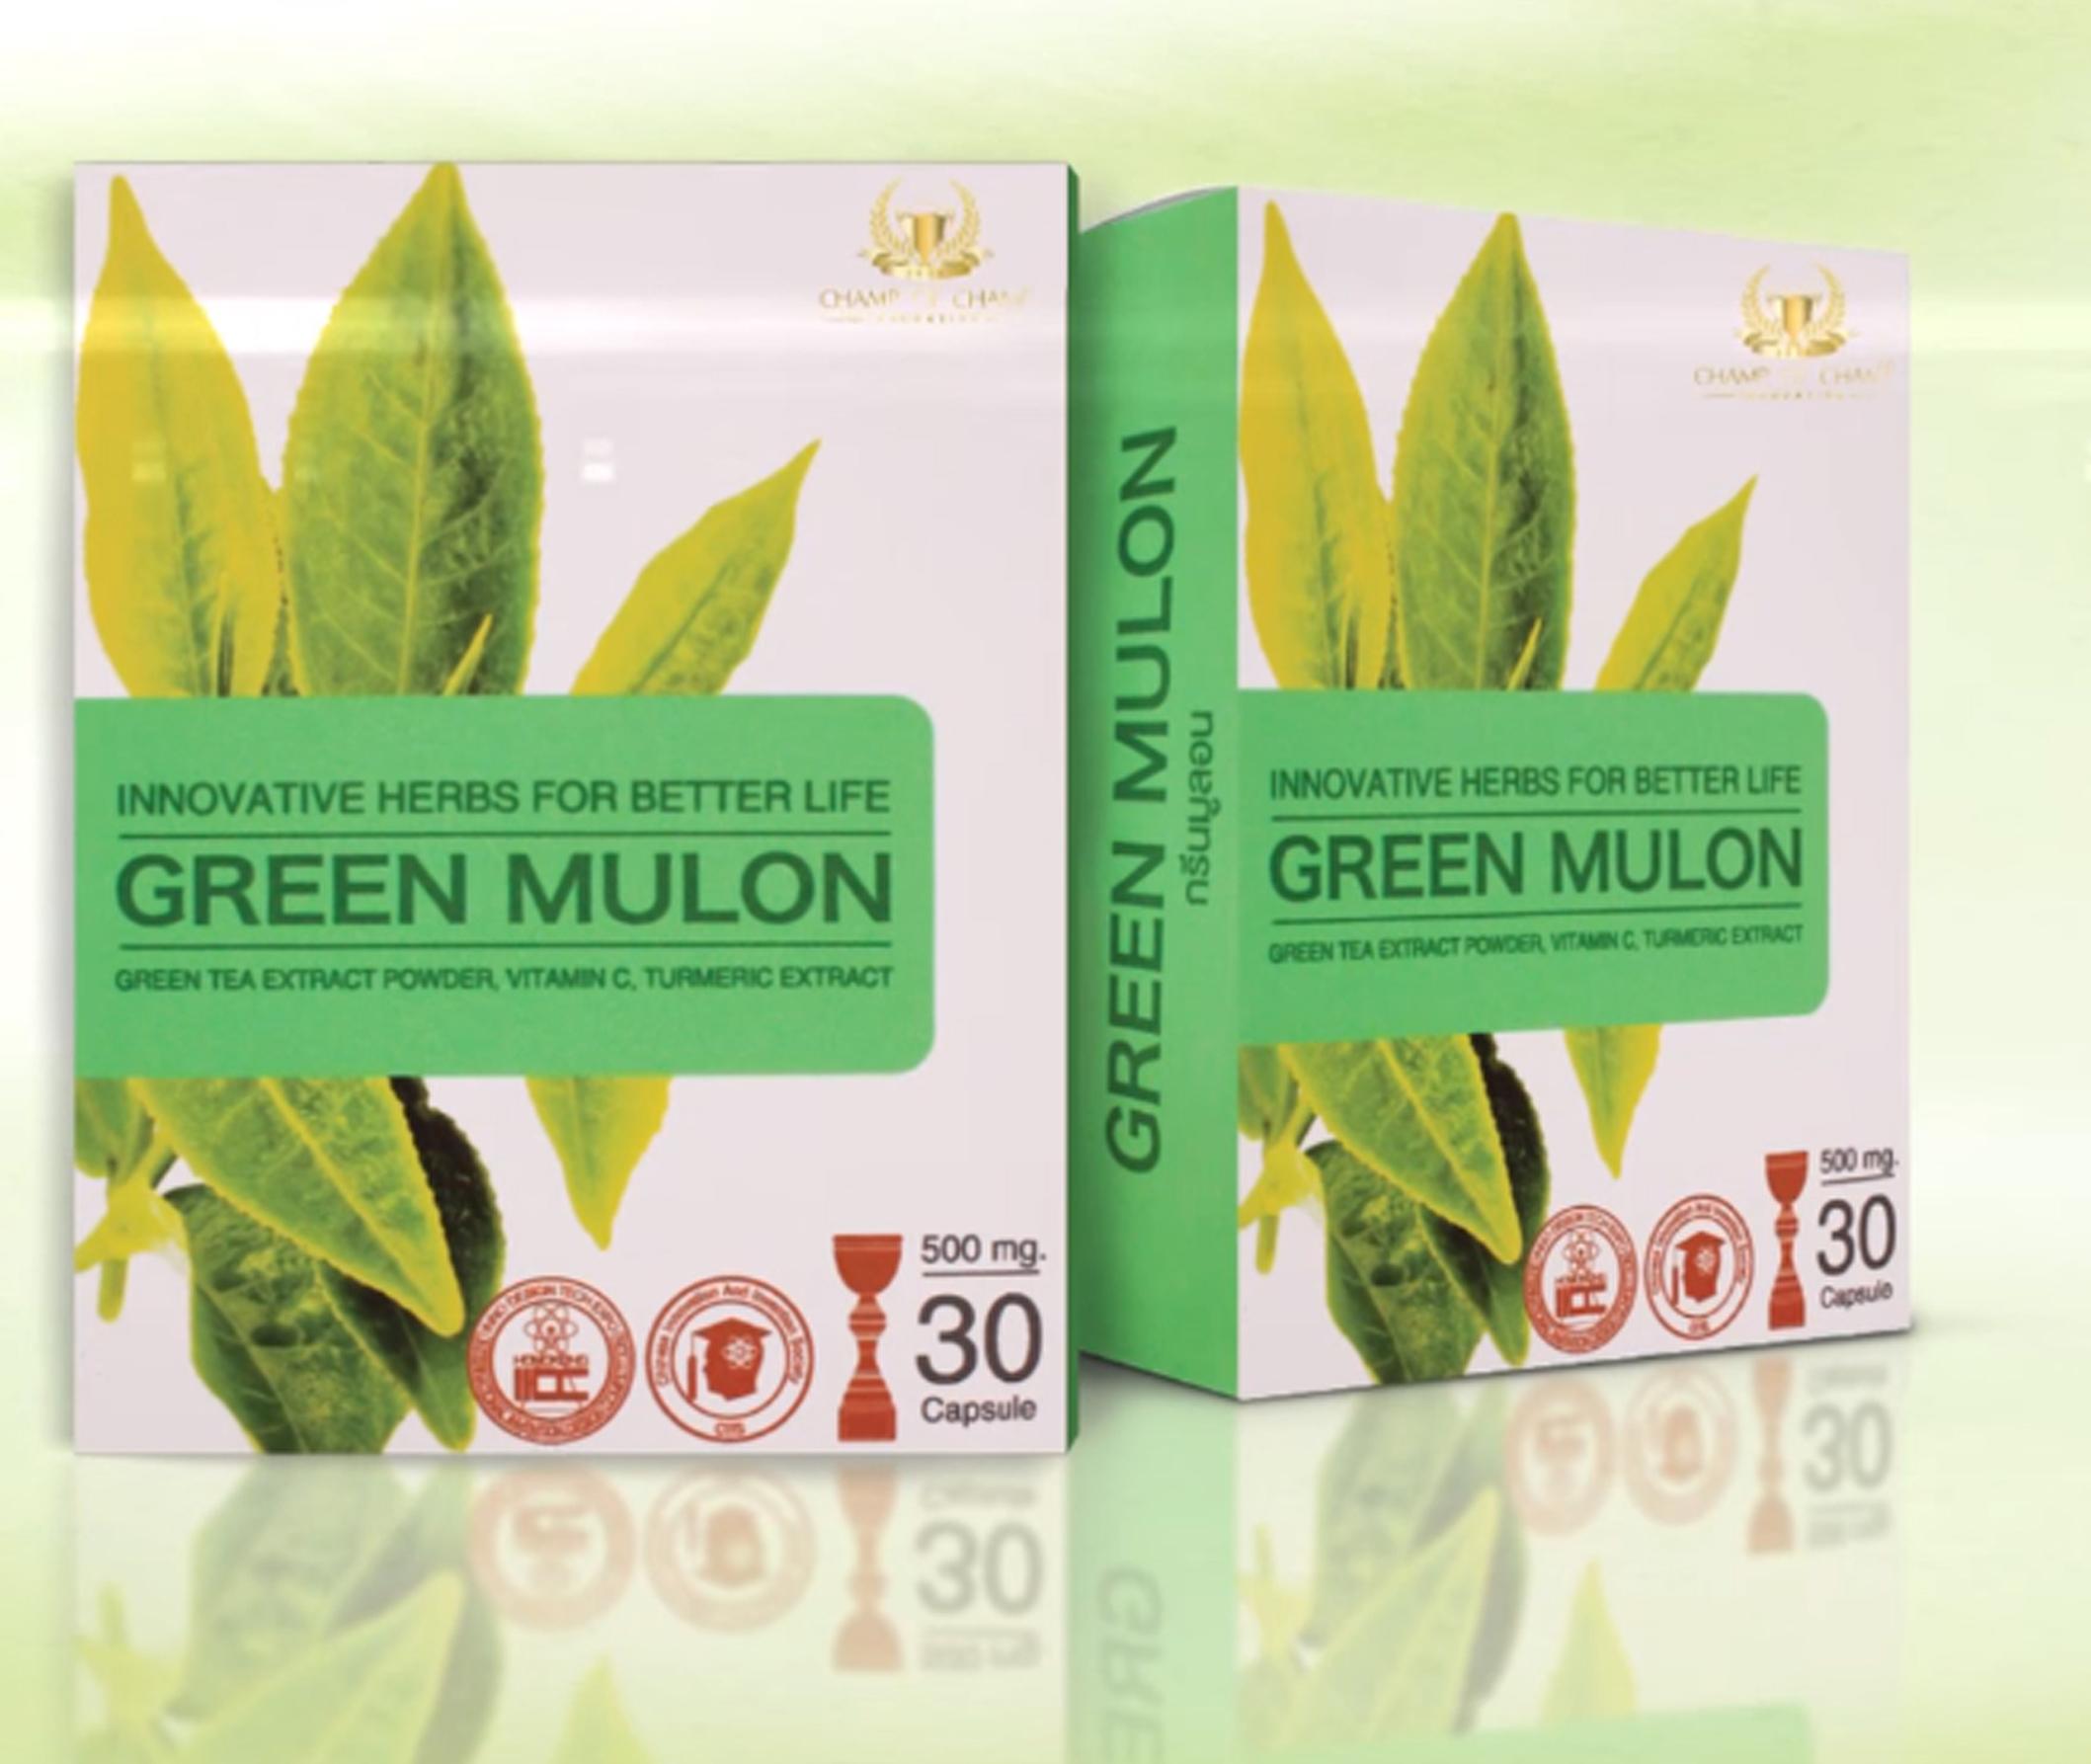 กรีนมูล่อน Green Mulon ผลิตสารสกัดขมิ้นชันและสารสกัดจากชาเขียว